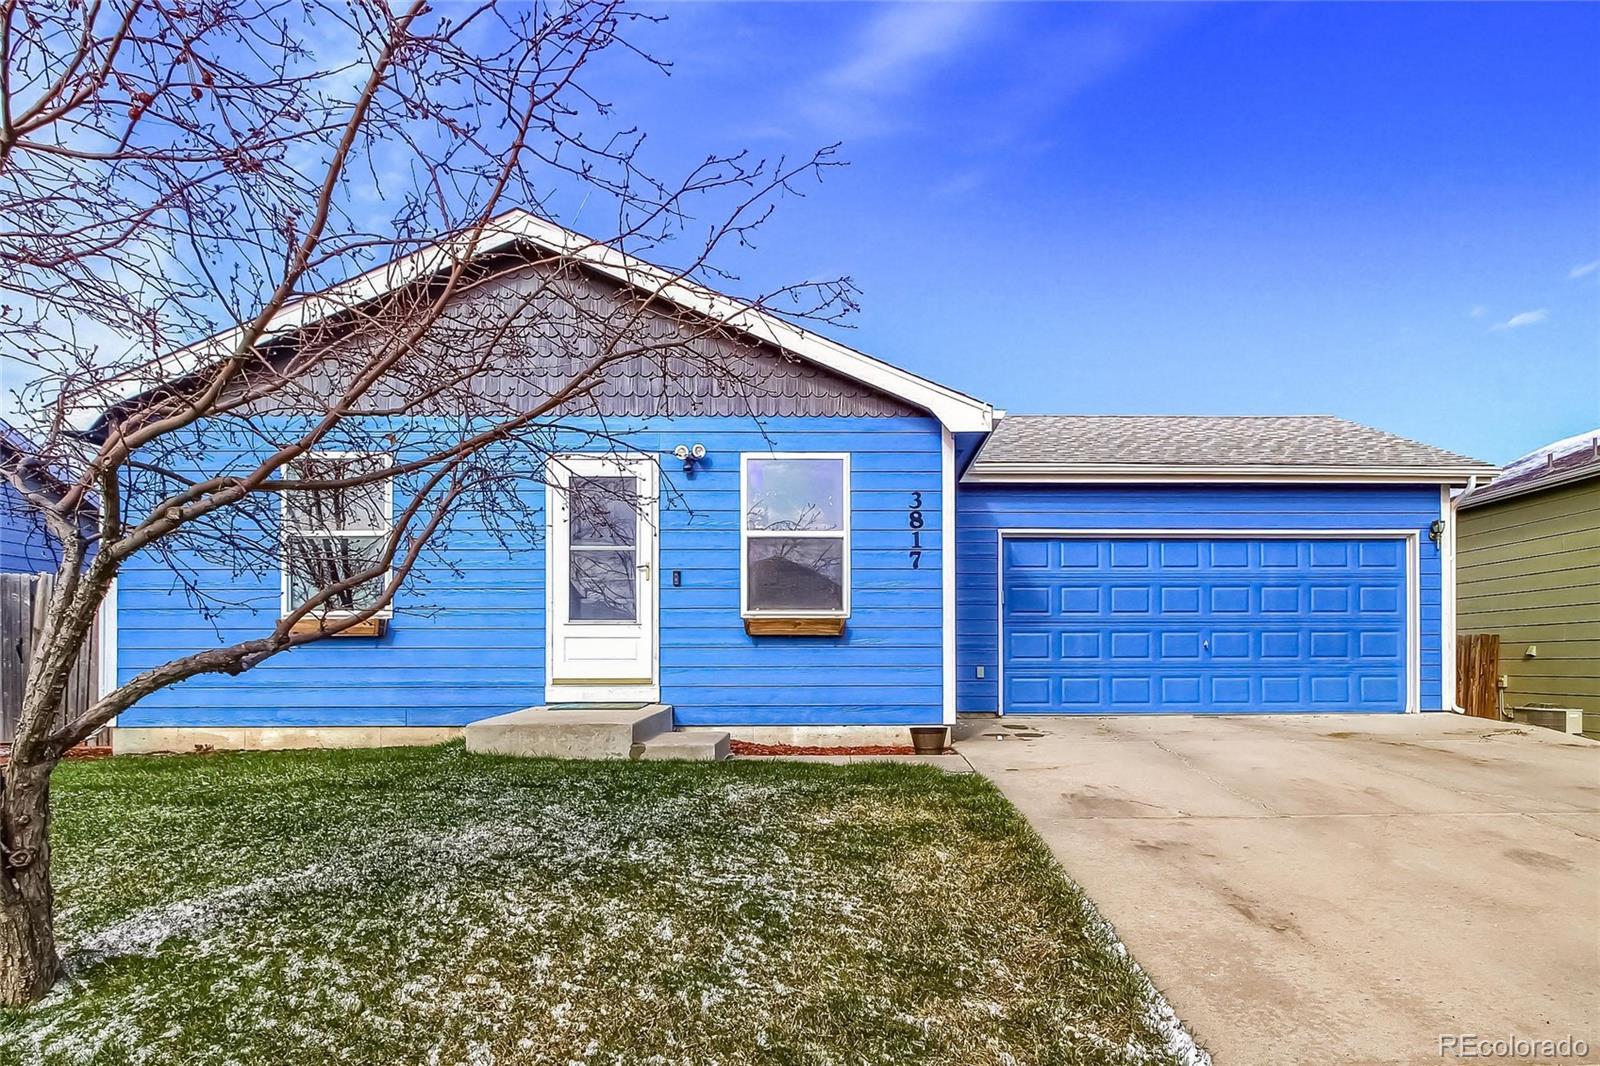 3817 Riverside Parkway, Evans, CO 80620 - Evans, CO real estate listing